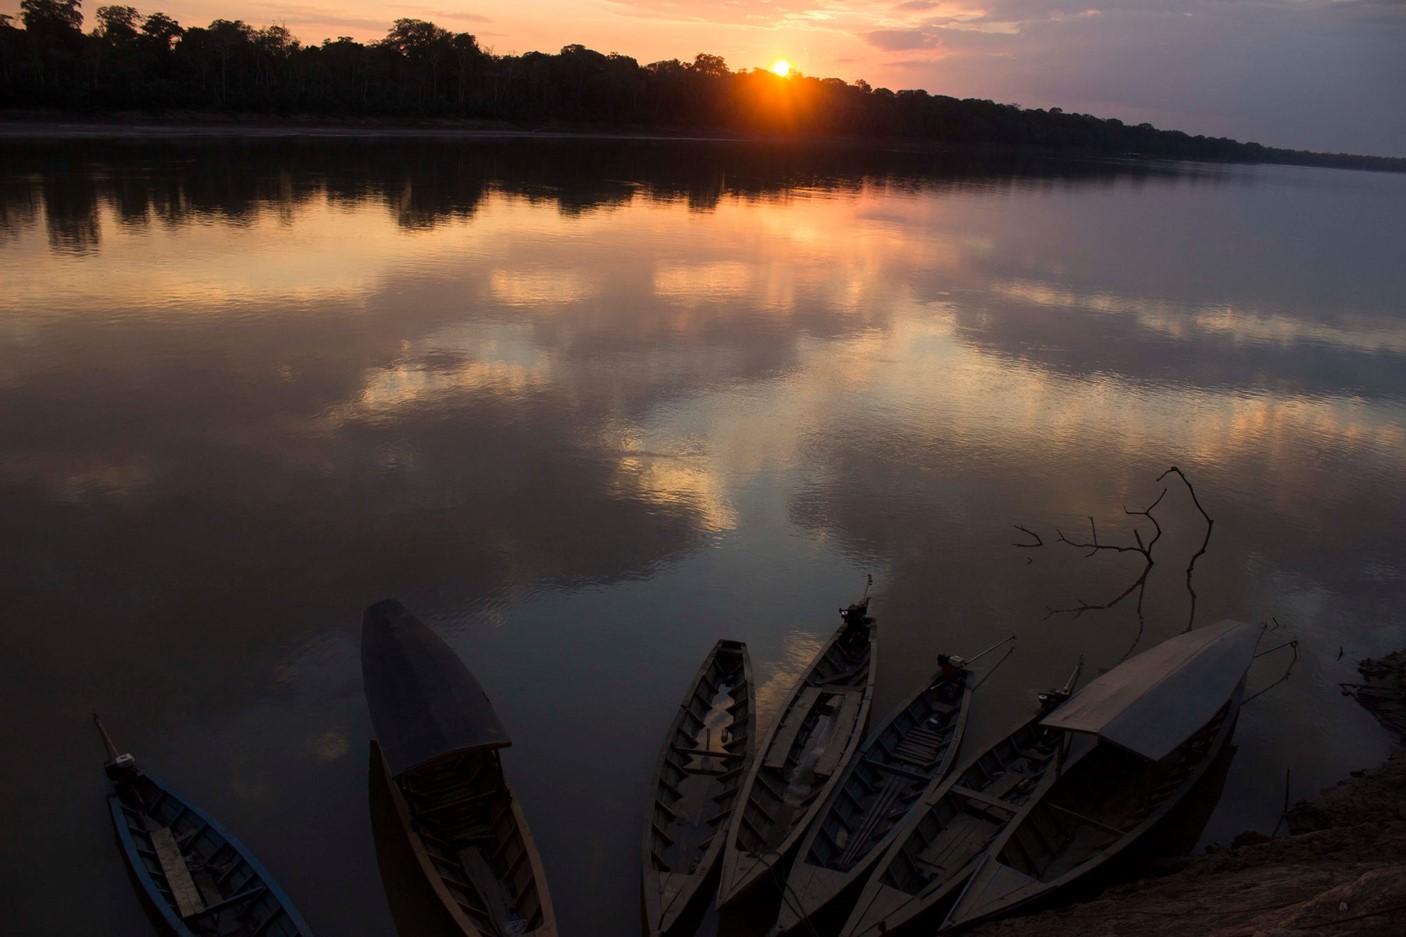 Amazonia: Lãnh thổ, con người, những mối đe dọa và tầm quan trọng của hệ sinh thái cho khí hậu toàn cầu